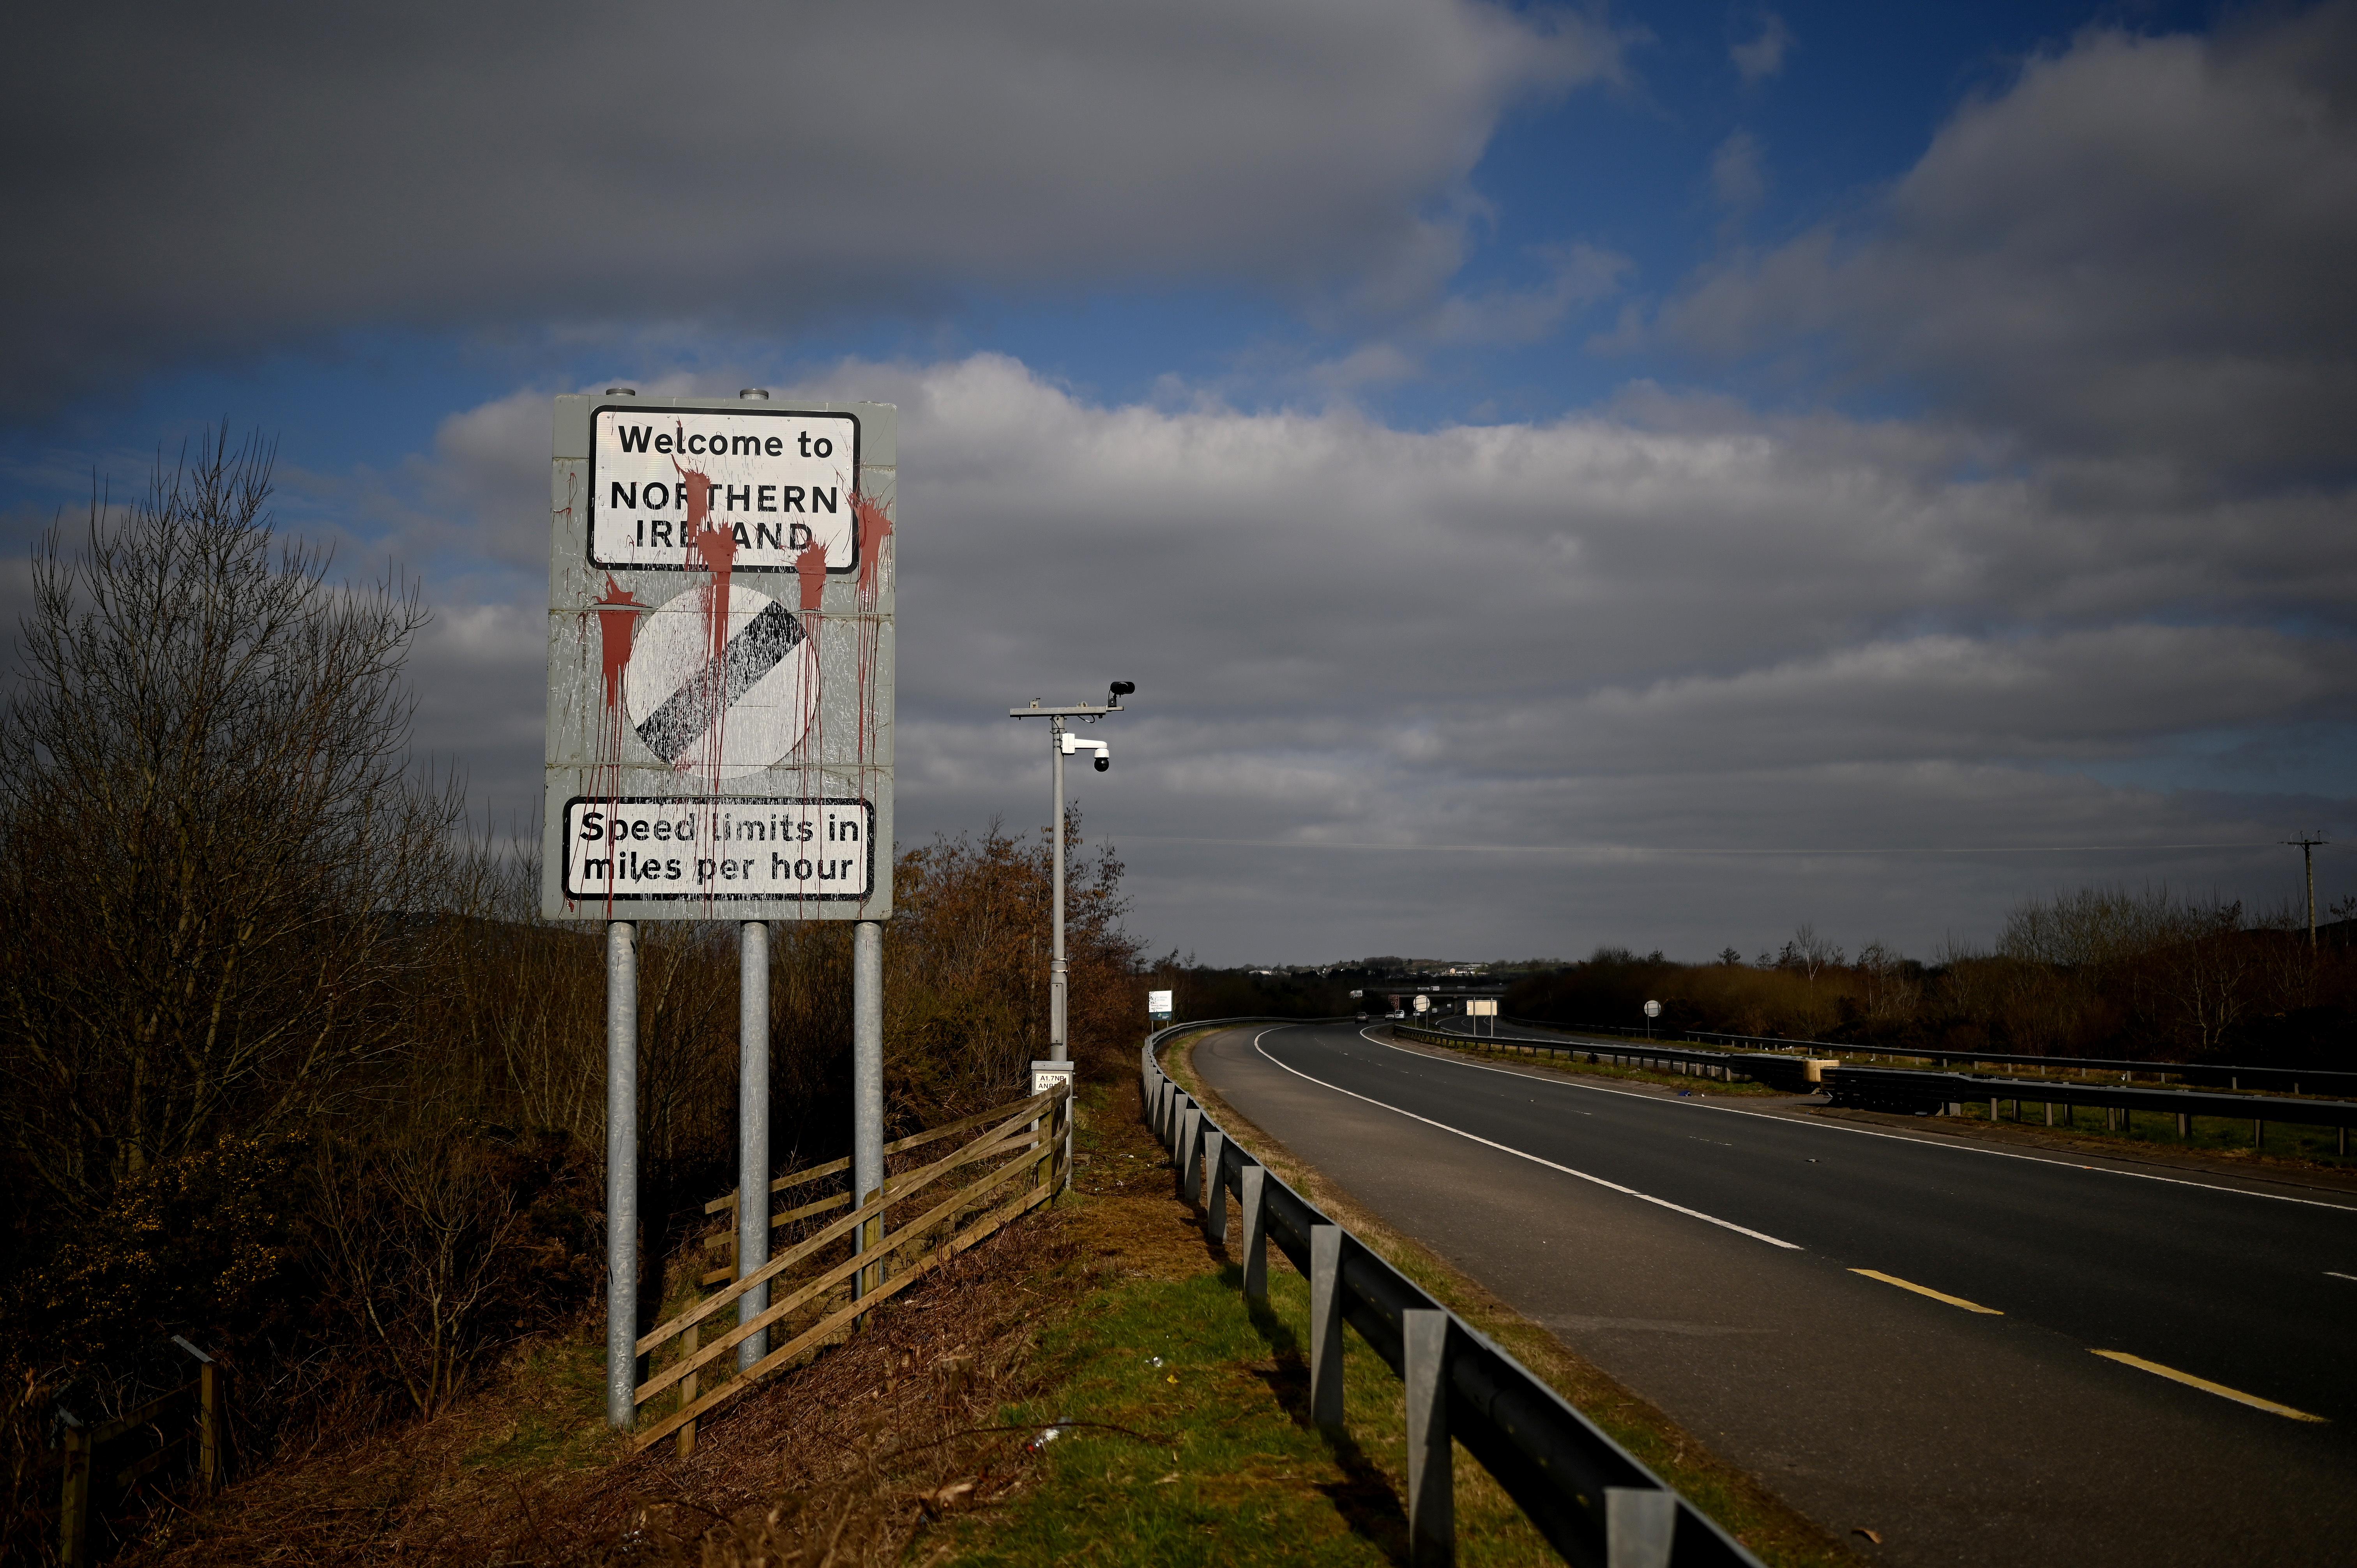 """На кордоні Ірландії та Північної Ірландії видно зіпсований знак """"Ласкаво просимо до Північної Ірландії"""", який нагадує автомобілістам, що обмеження швидкості змінюватимуться від кілометрів на годину до миль на годину на кордоні в місті Каріккарнан, Ірландія, 6 березня 2021 року. Знято в березні 6, 2021. REUTERS / Clodagh Kilcoyne"""